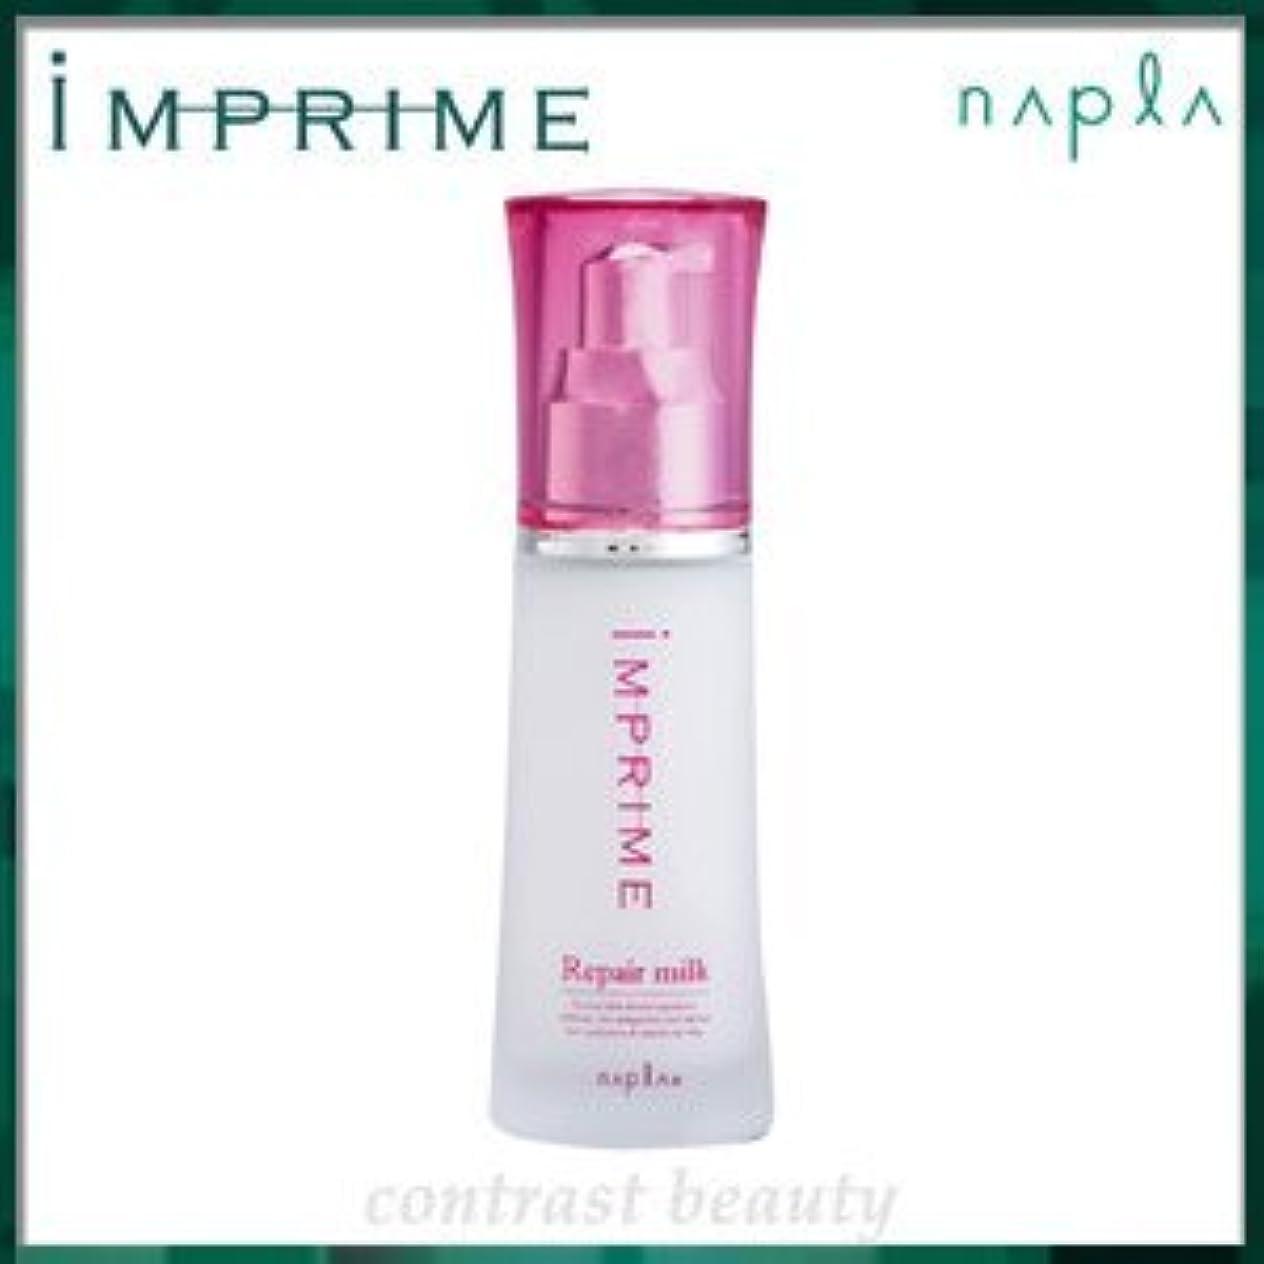 水差し第二にディレイ【X2個セット】 ナプラ インプライム リペアミルク 35ml IMPRIME napla